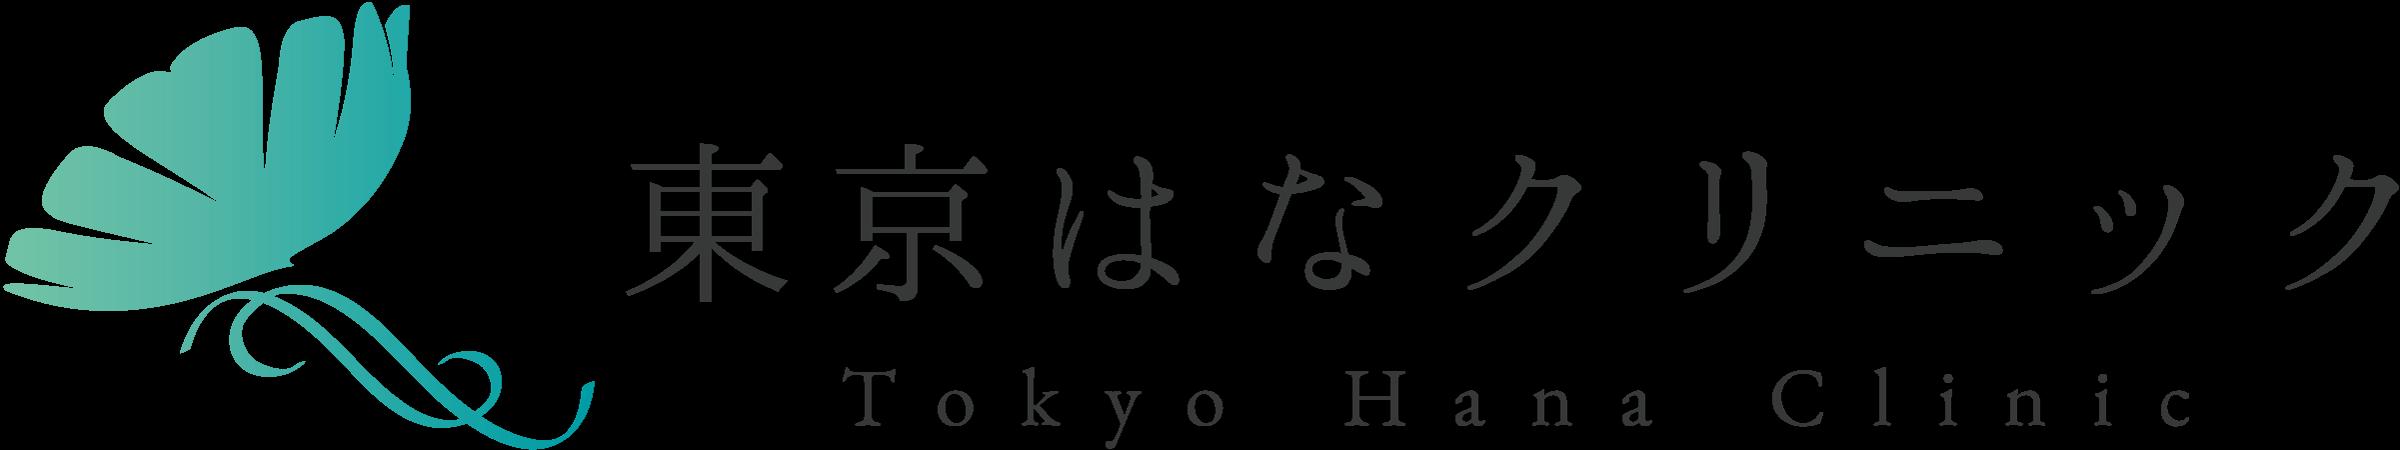 東京はなクリニック(旧大見山クリニック)